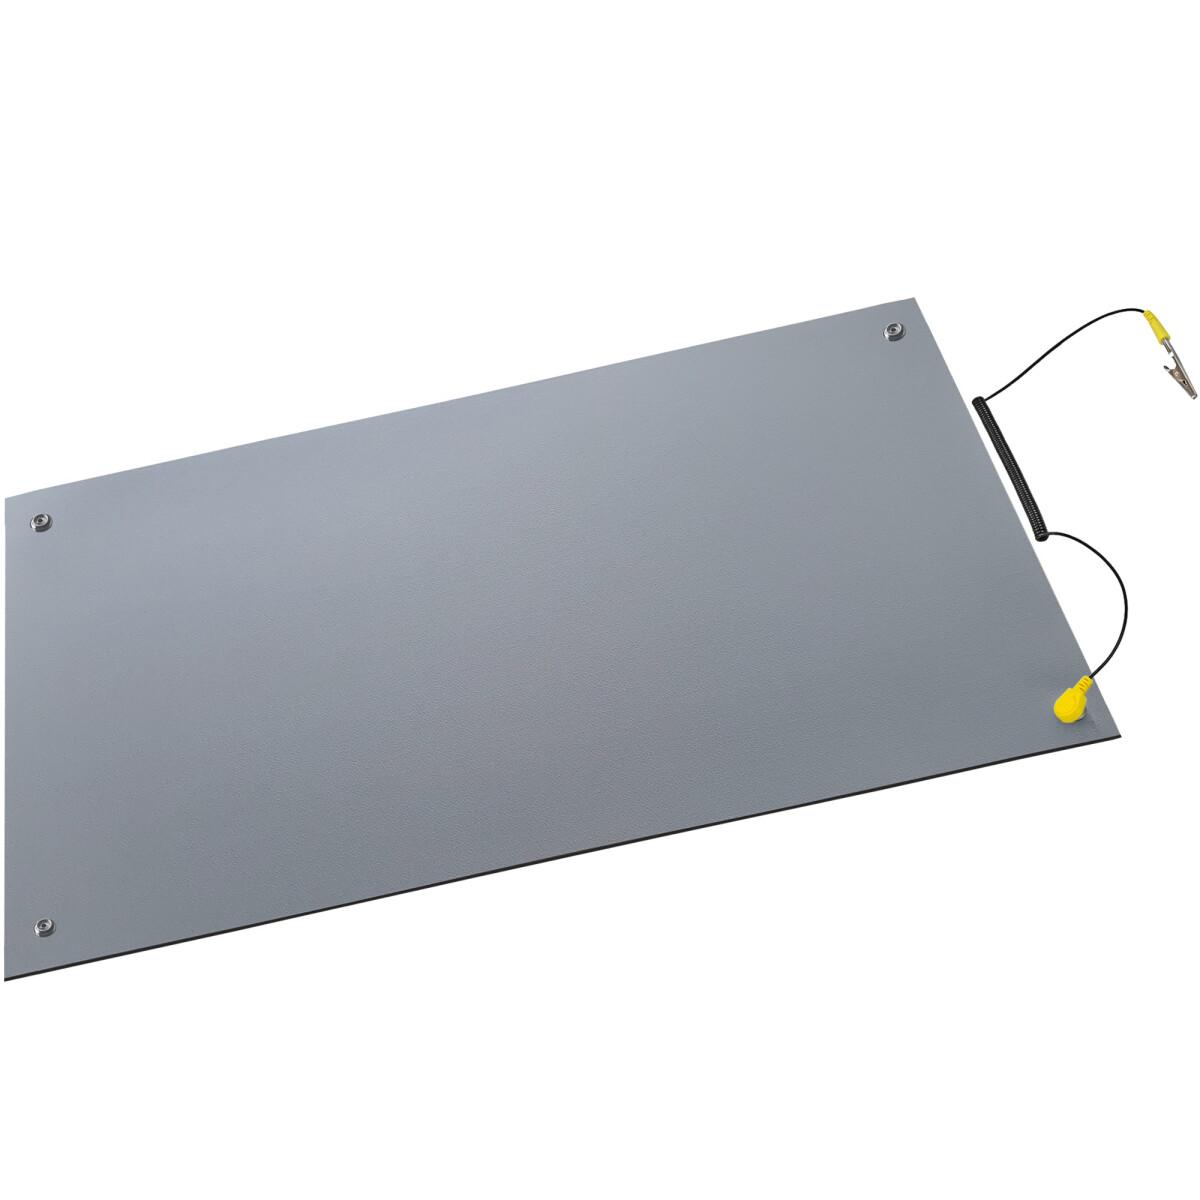 Minadax® Antistatik-Matte 50 cm x 60 cm – Professionelle Antistatische Arbeitsmatte - PVC-Matte mit Erdungskabel - Qualität - ESD-Schutz